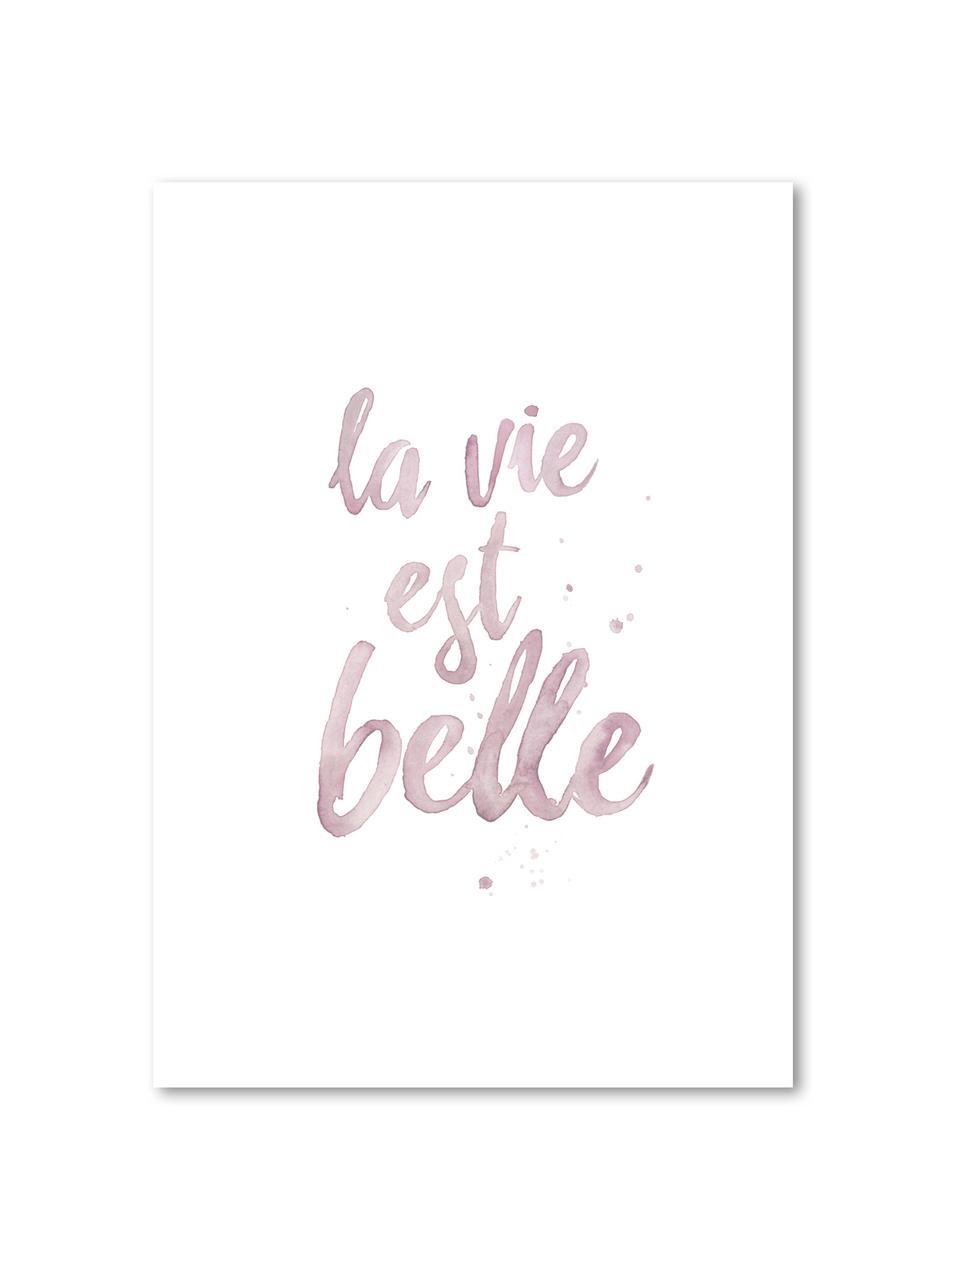 Poster La Vie Est Belle, Digitaldruck auf Papier, 200 g/m², Rosa, Weiß, 21 x 30 cm